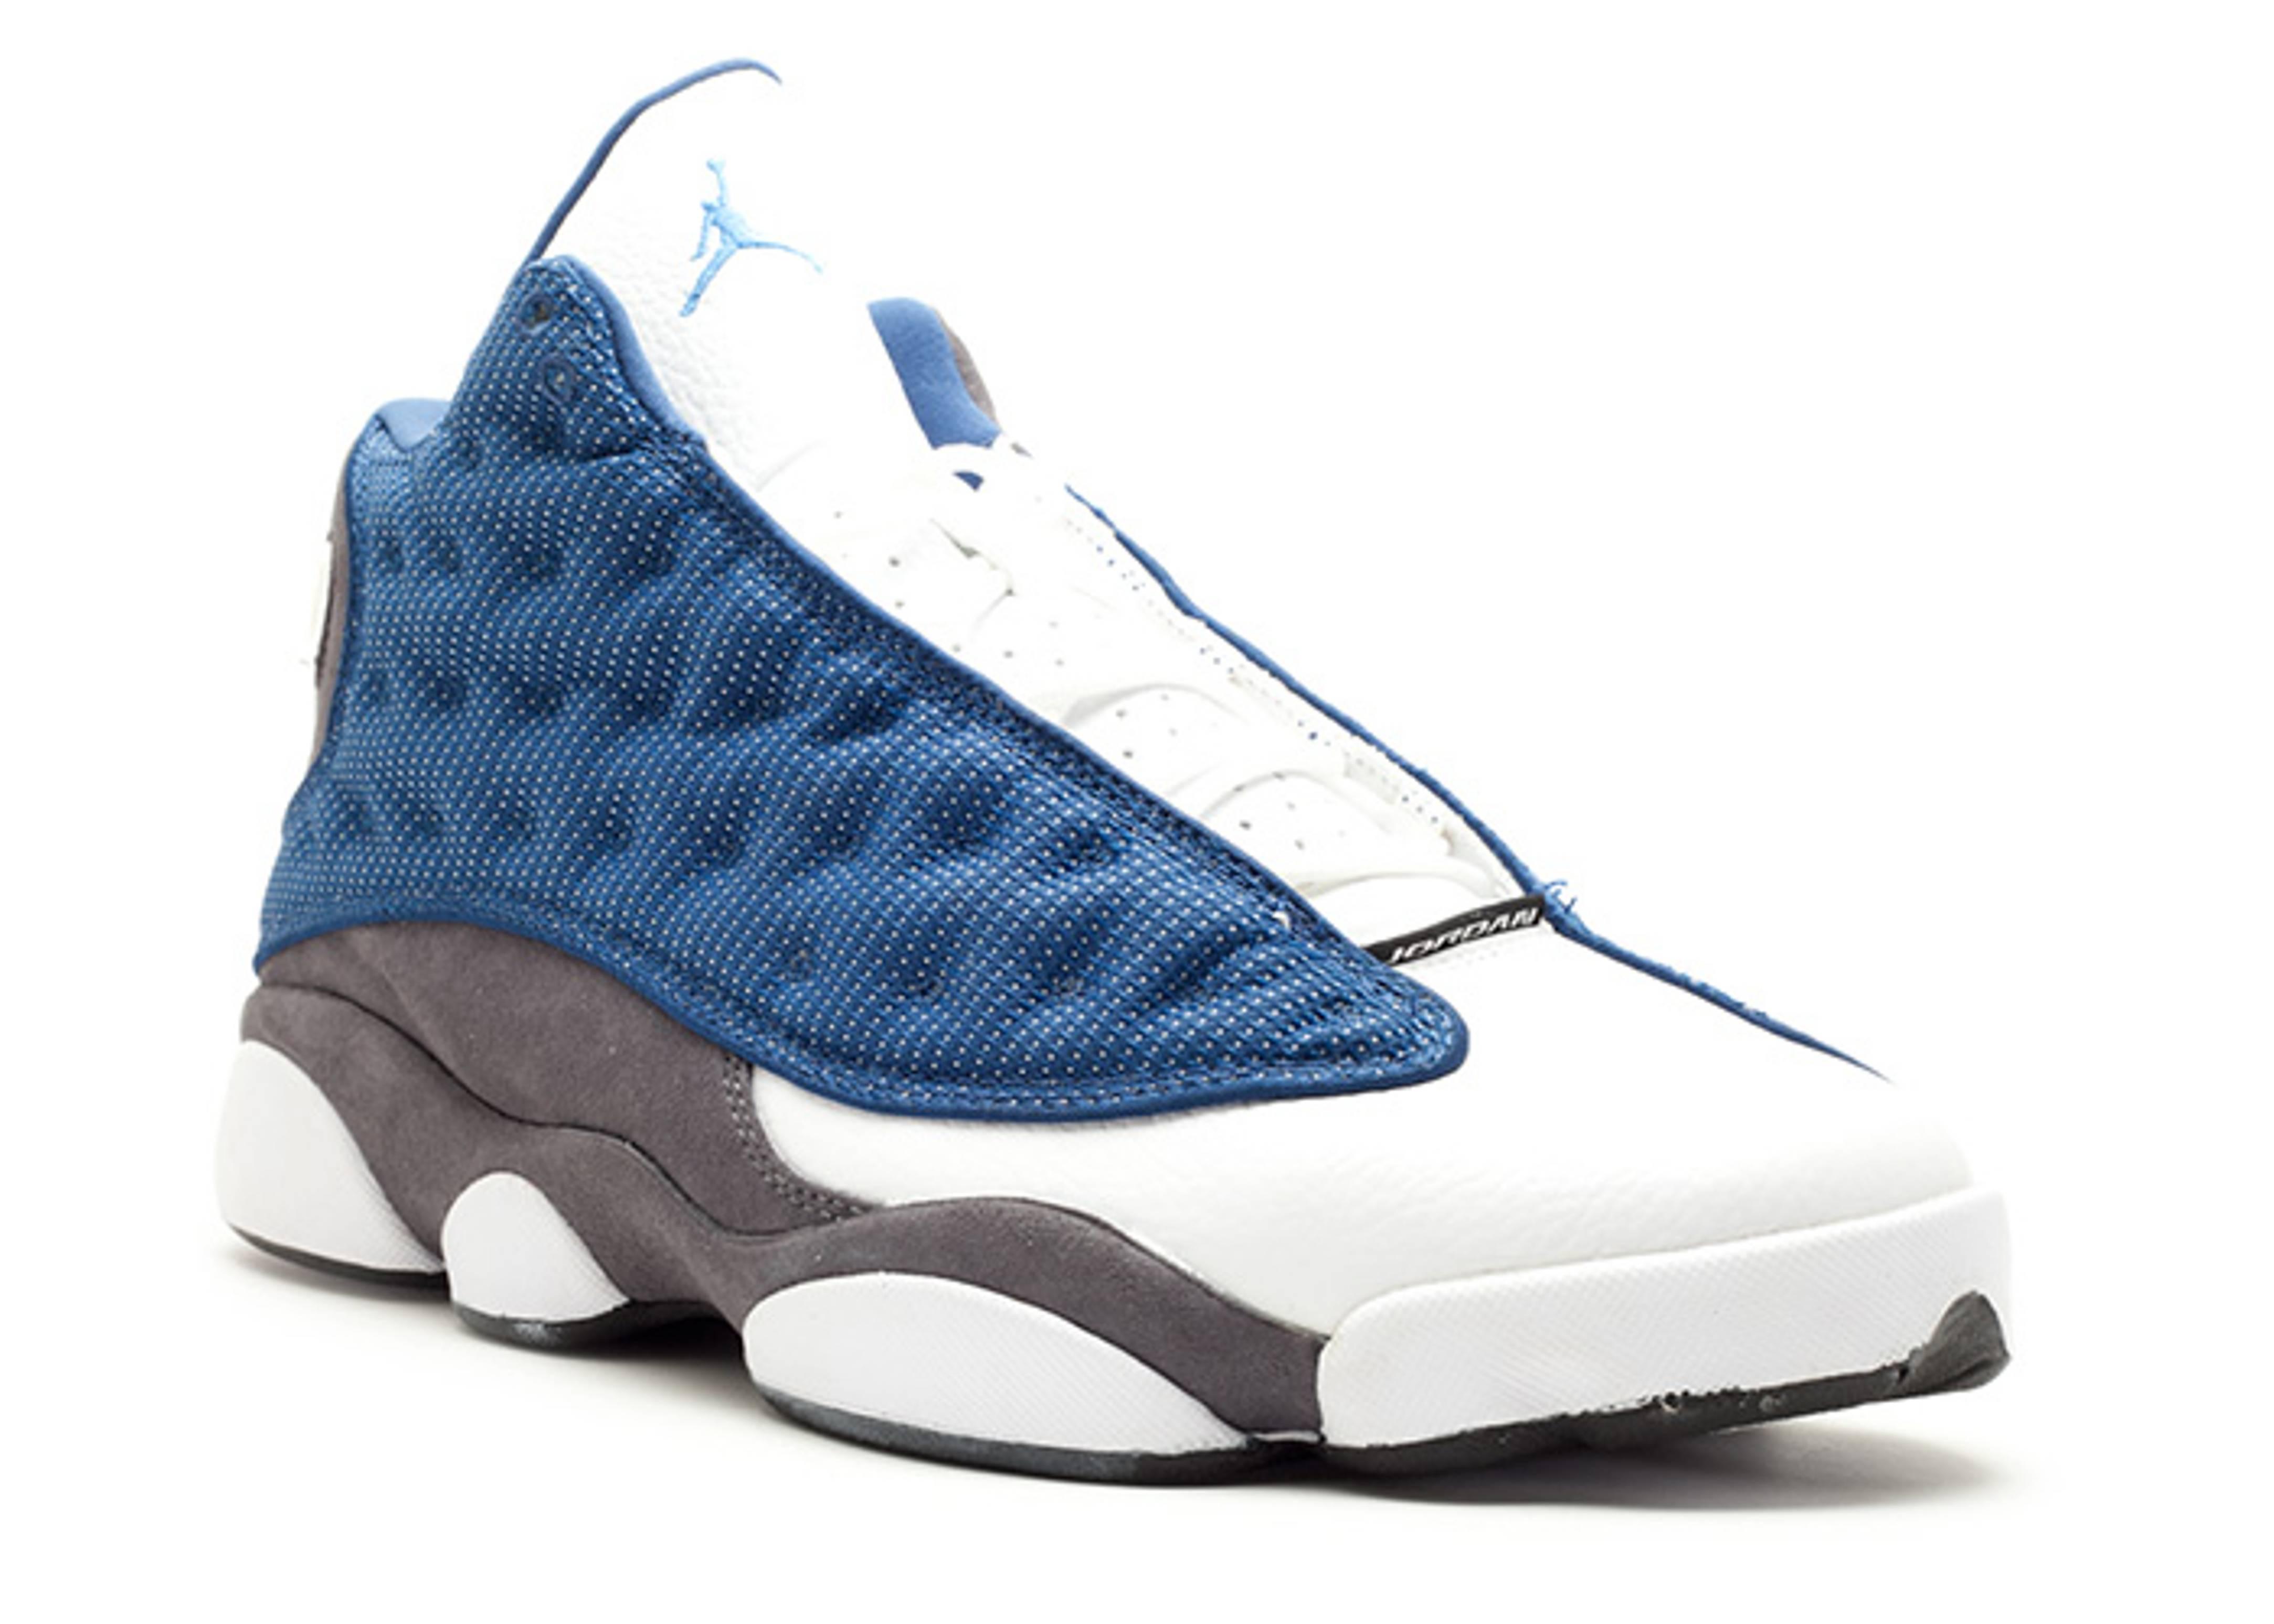 Jordan 13 Flint